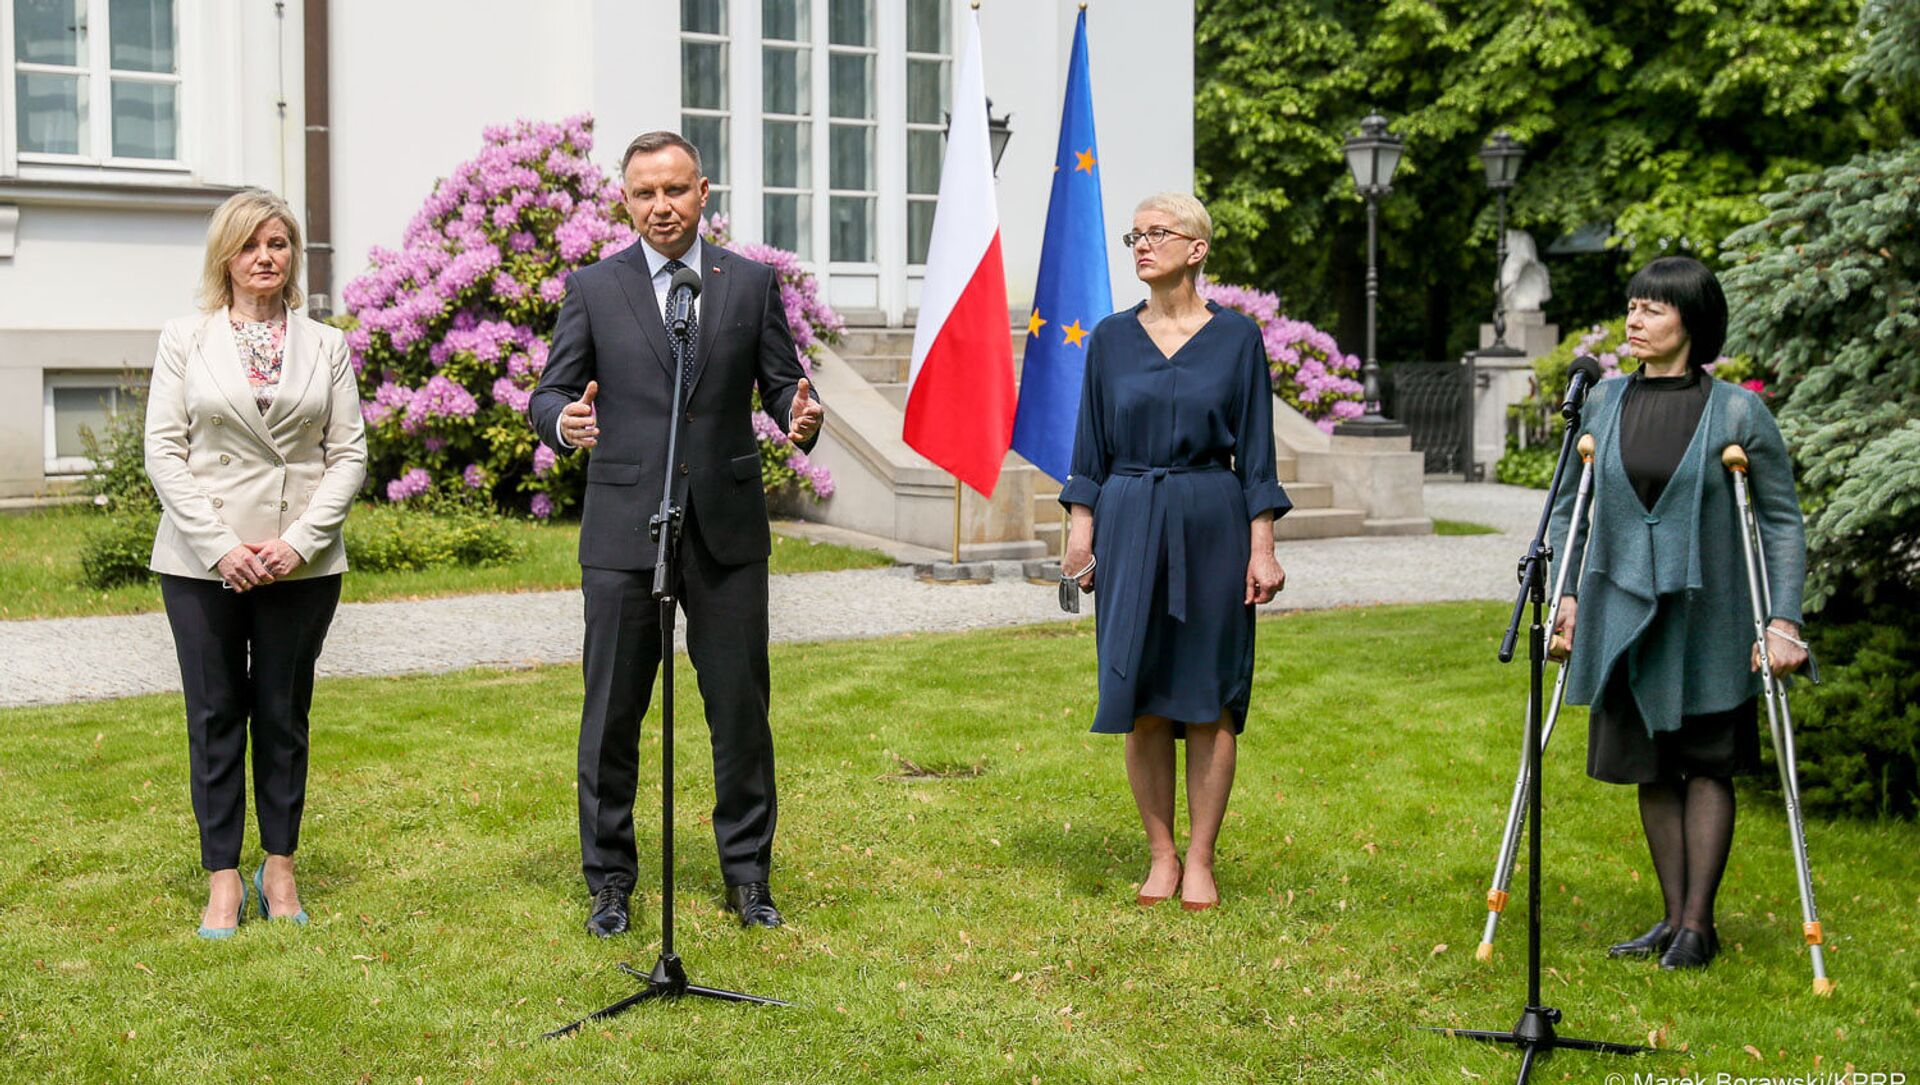 Prezydent Andrzej Duda spotkał się z przedstawicielkami polskiej mniejszości narodowej na Białorusi: Ireną Biernacką, Anną Paniszewą i Marią Ciszkowską - Sputnik Polska, 1920, 04.06.2021